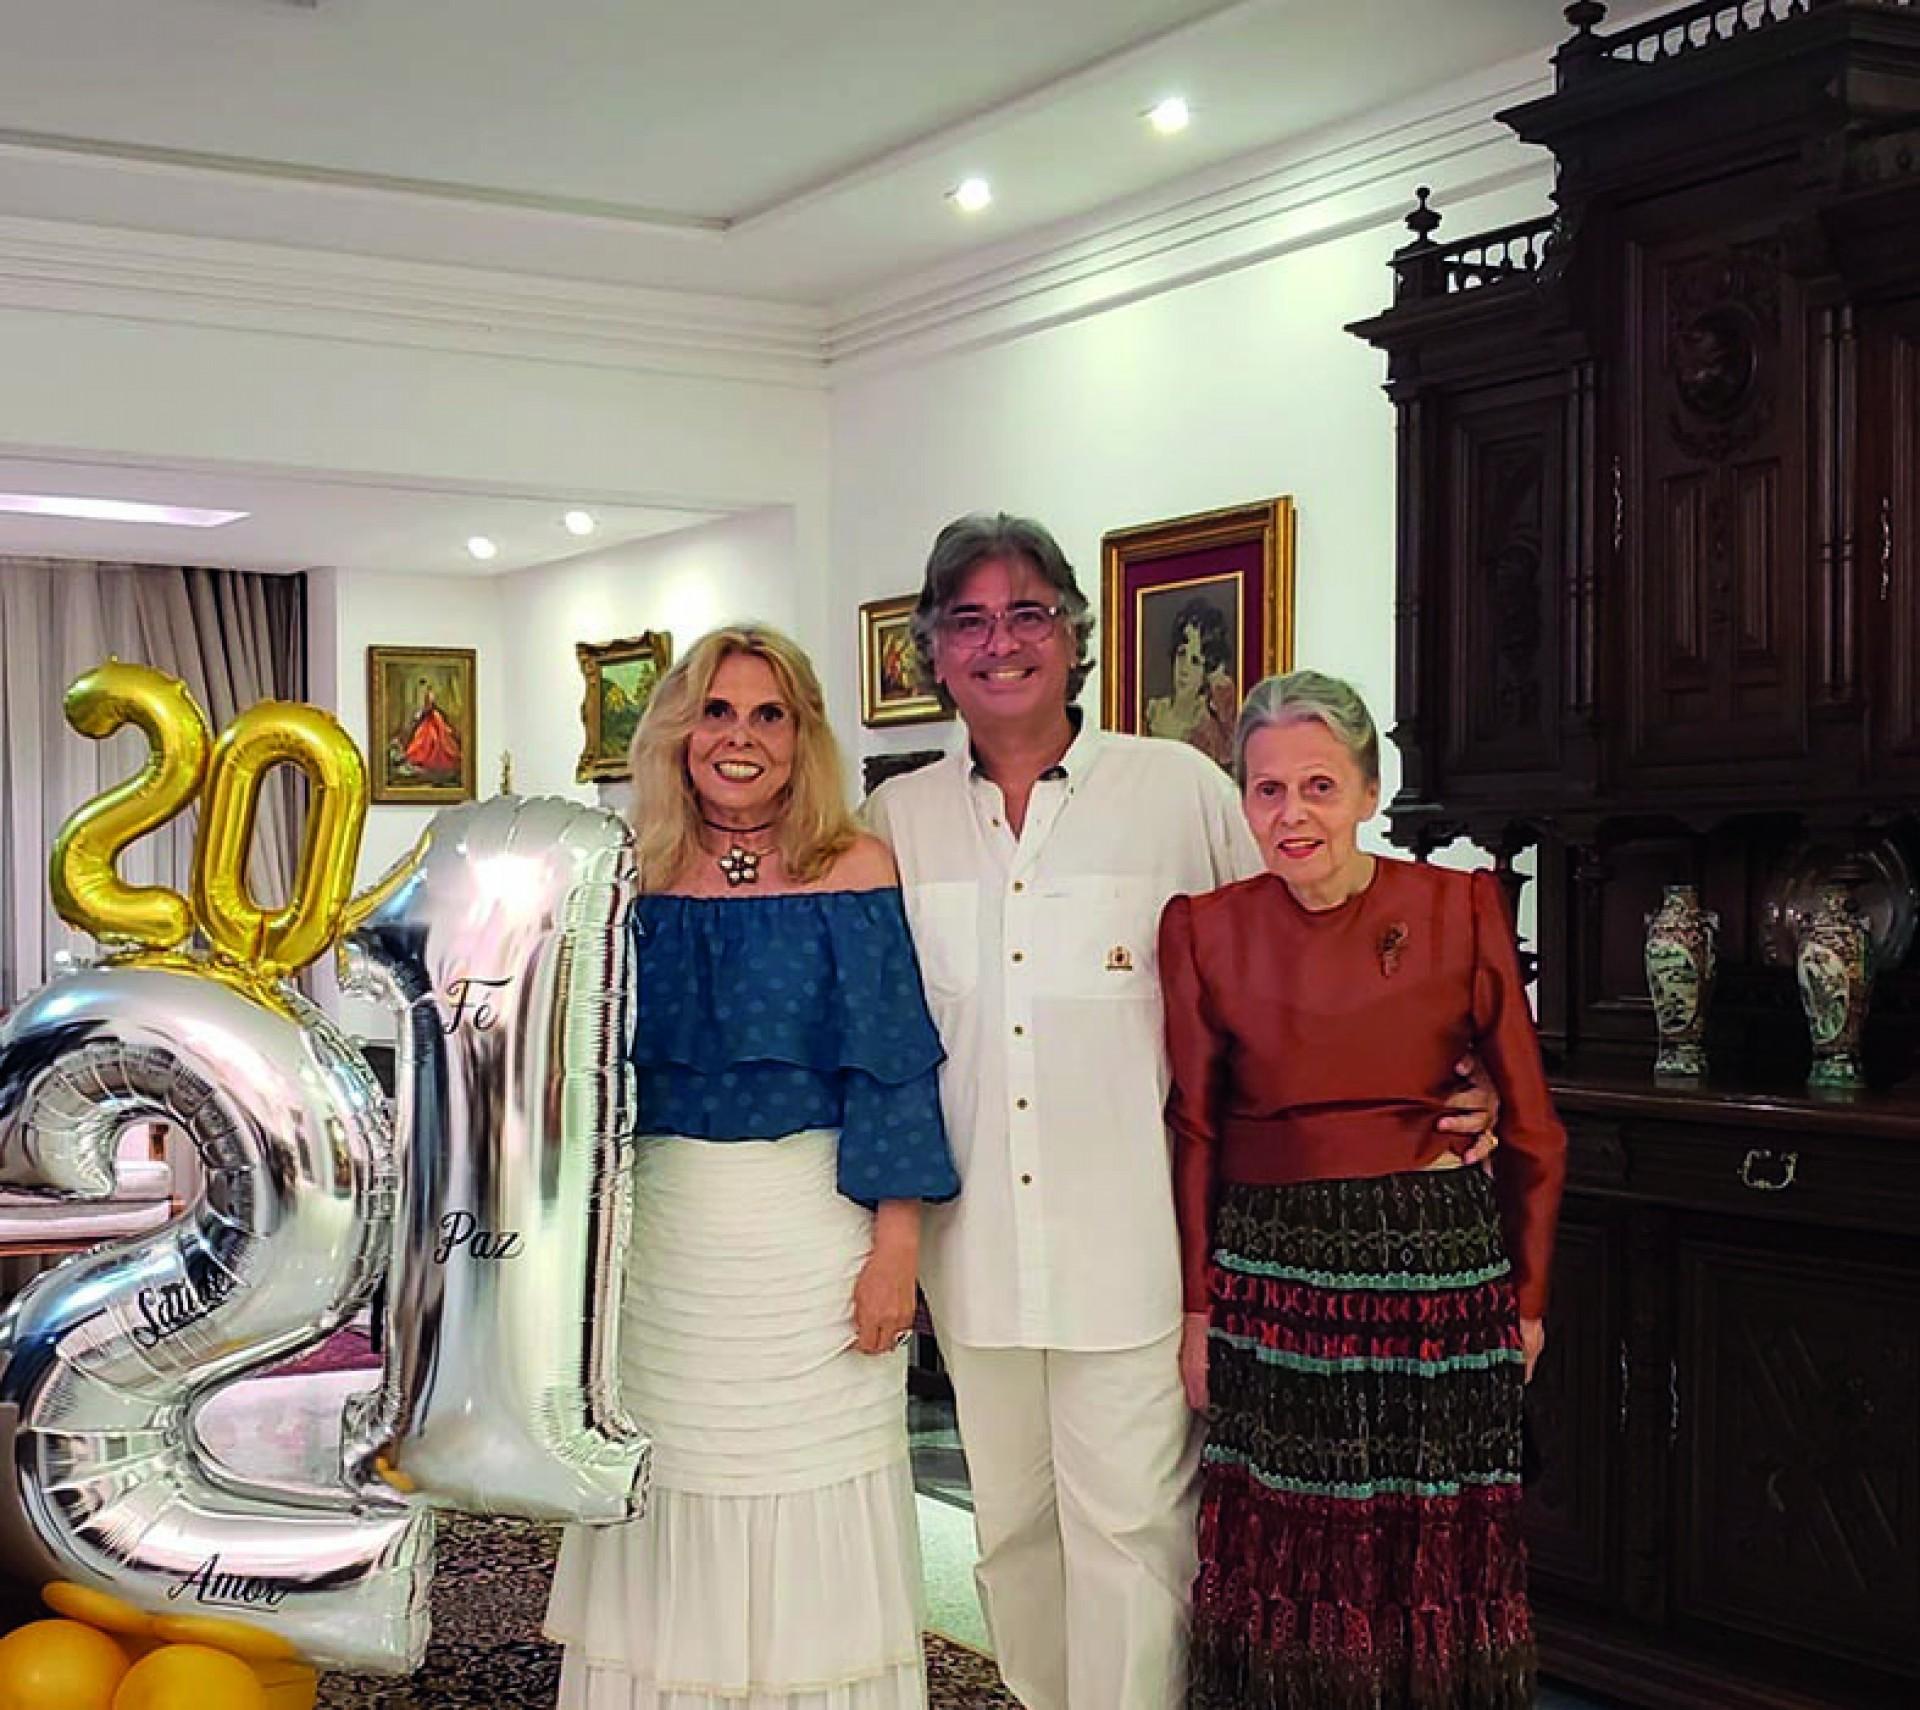 Nestor Chaves, trineto do Barão de Camocim, com mãe Raquel e tia Margarida Borges